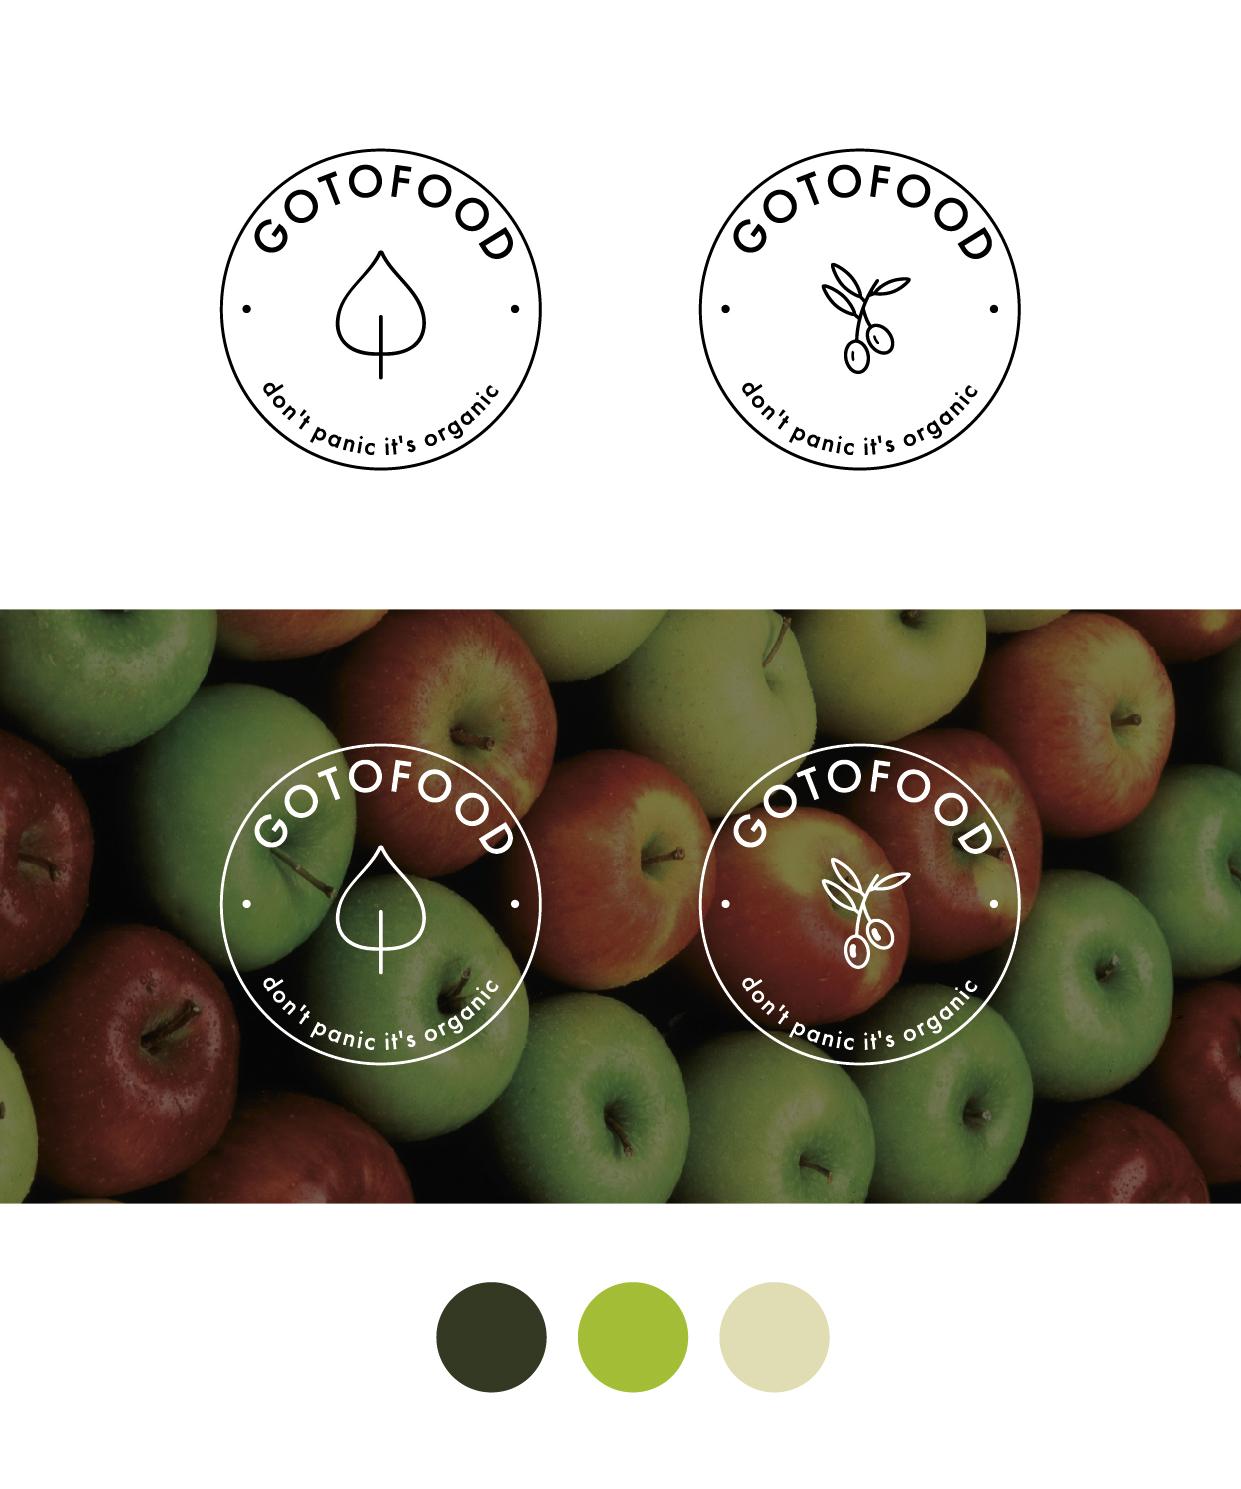 Логотип интернет-магазина здоровой еды фото f_9635cd549d02a9e6.jpg